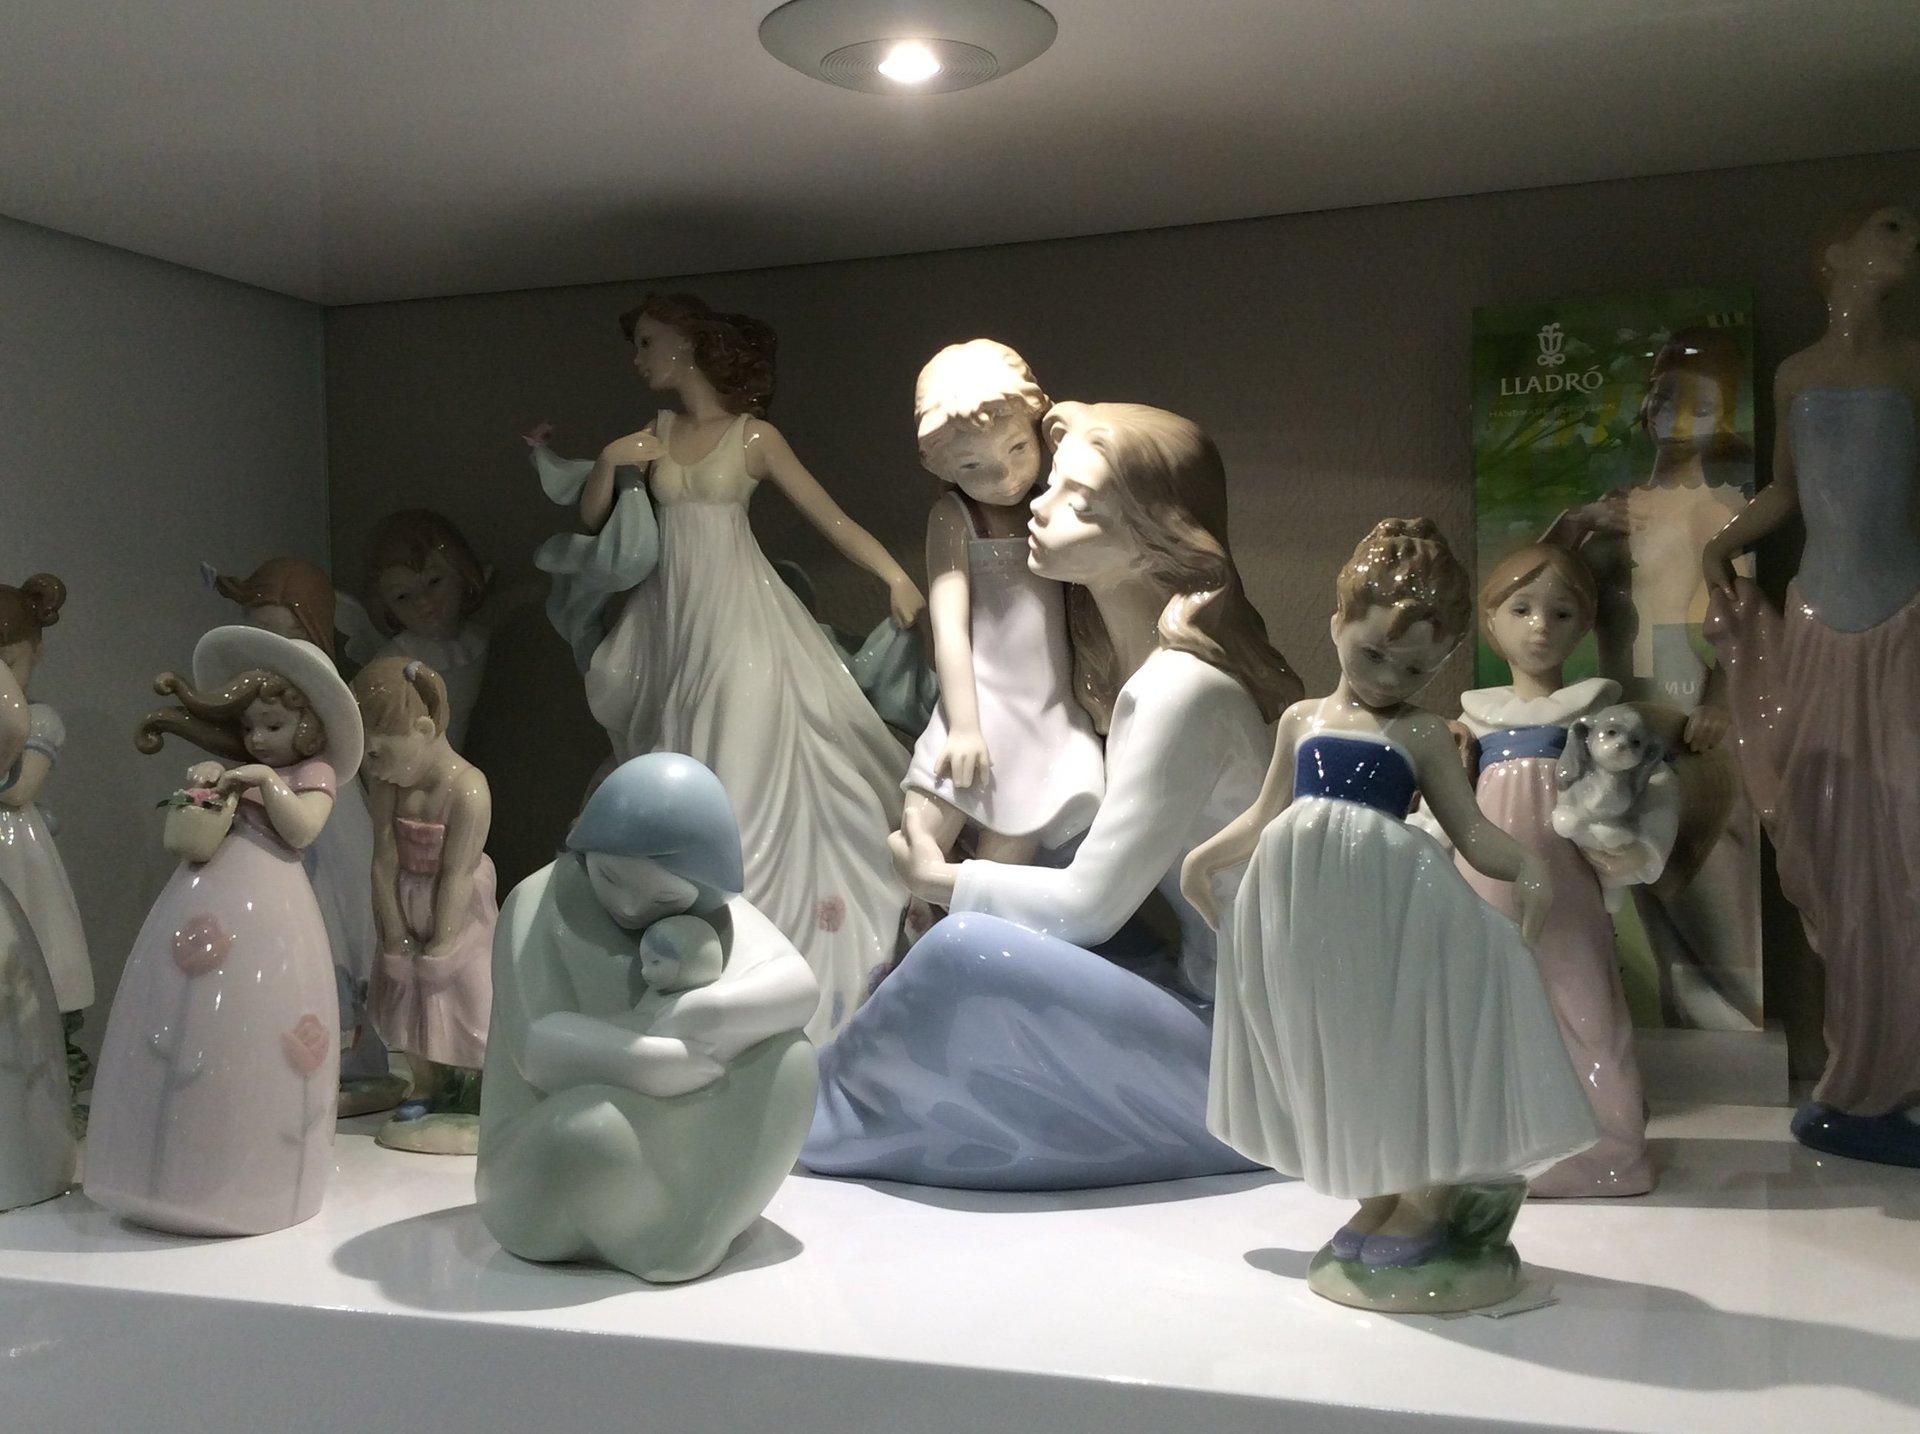 statuine in porcellana per cerimonie e lista nozze